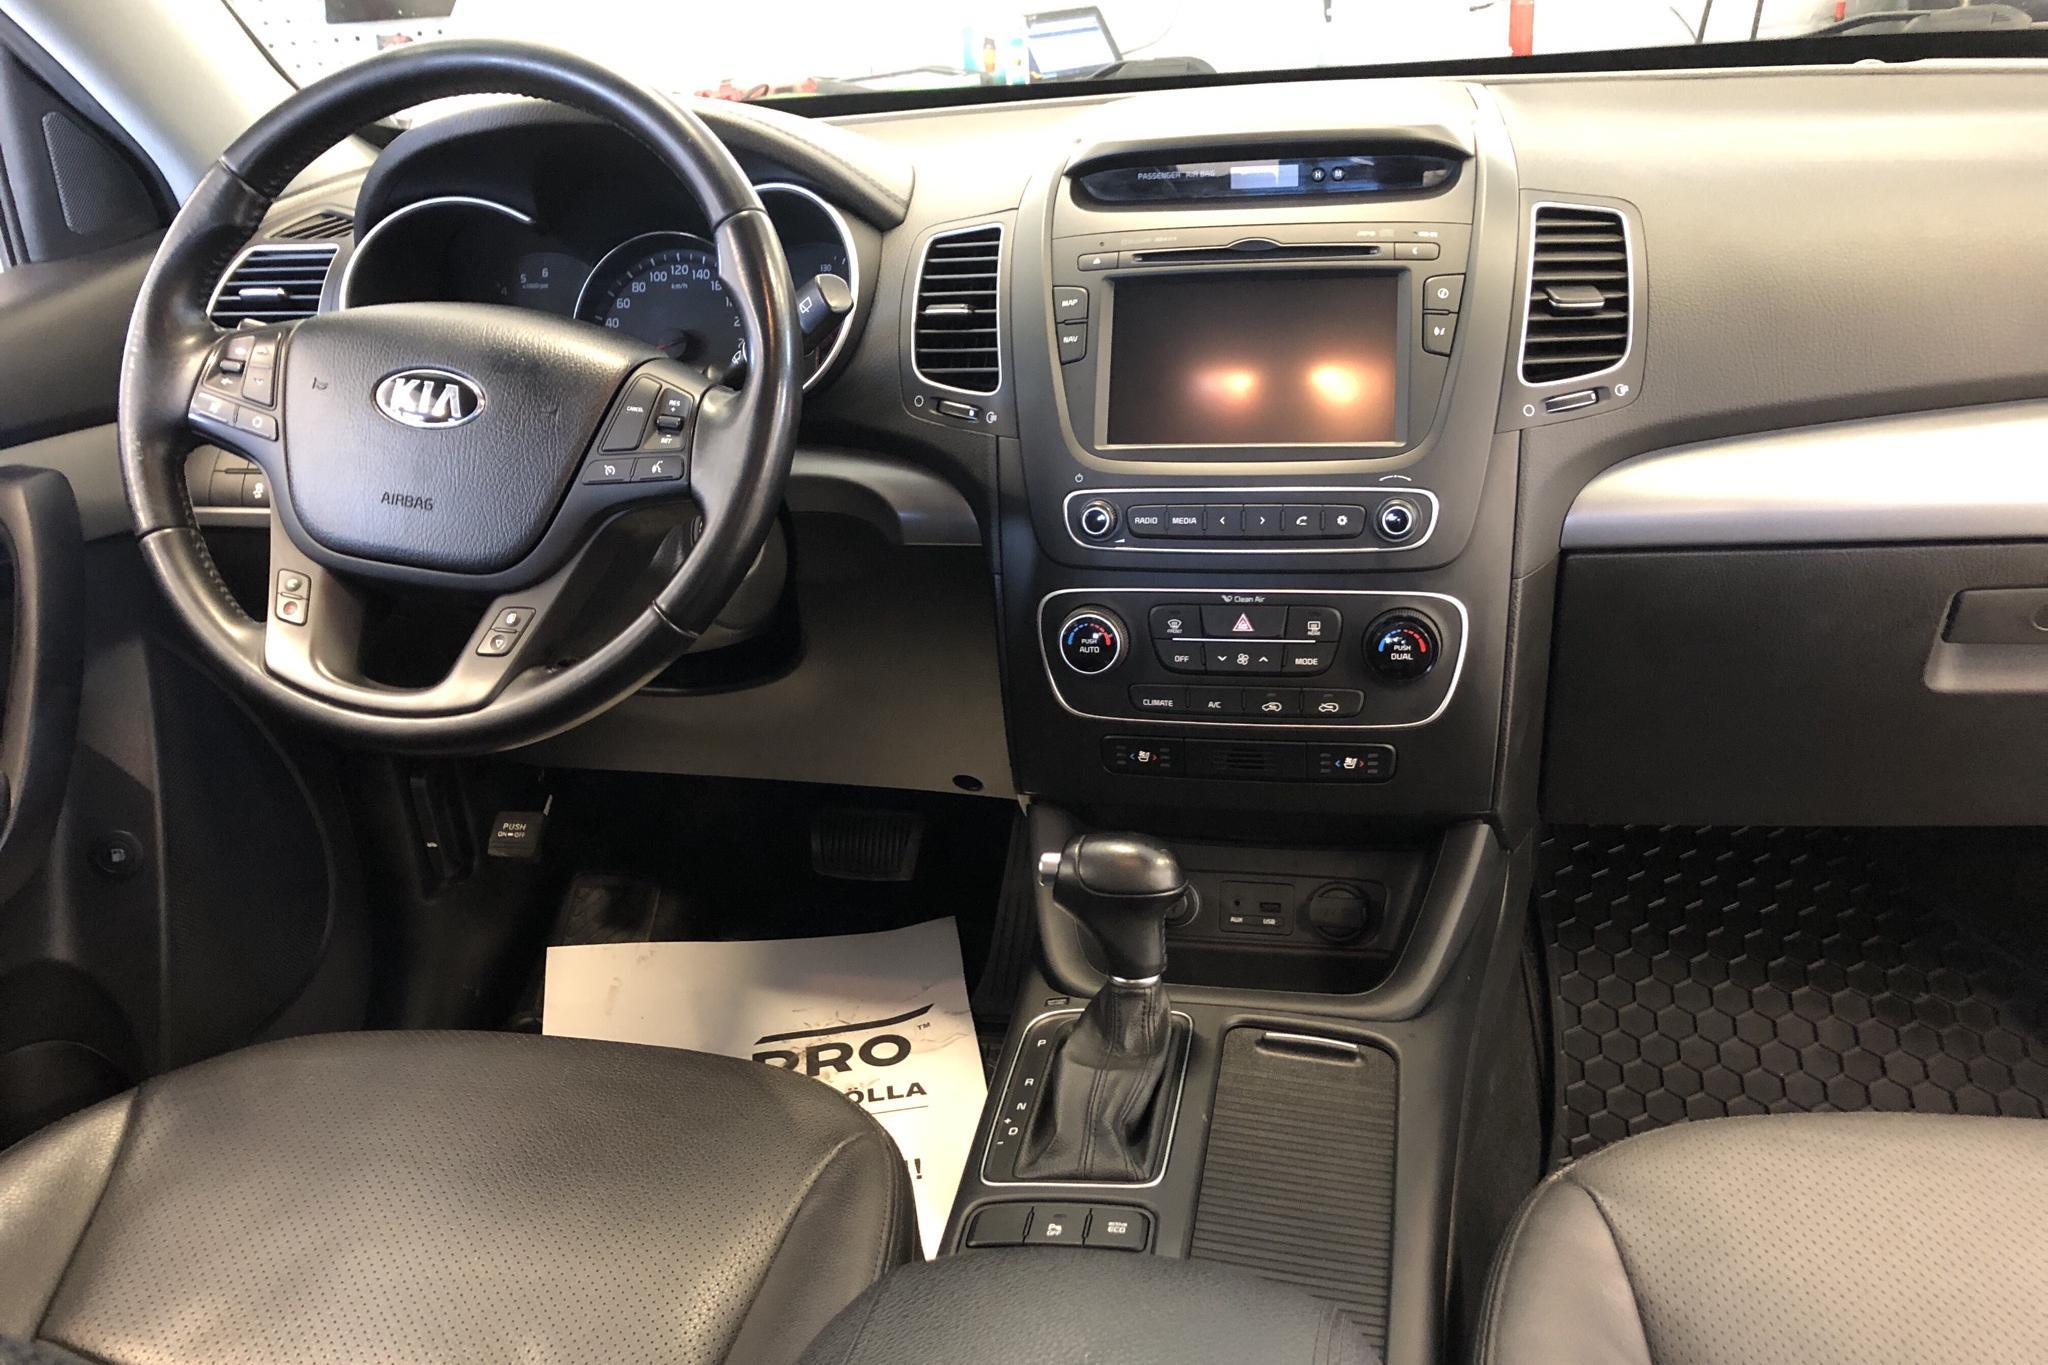 KIA Sorento 2.2 CRDi (197hk) - 210 370 km - Automatic - white - 2014